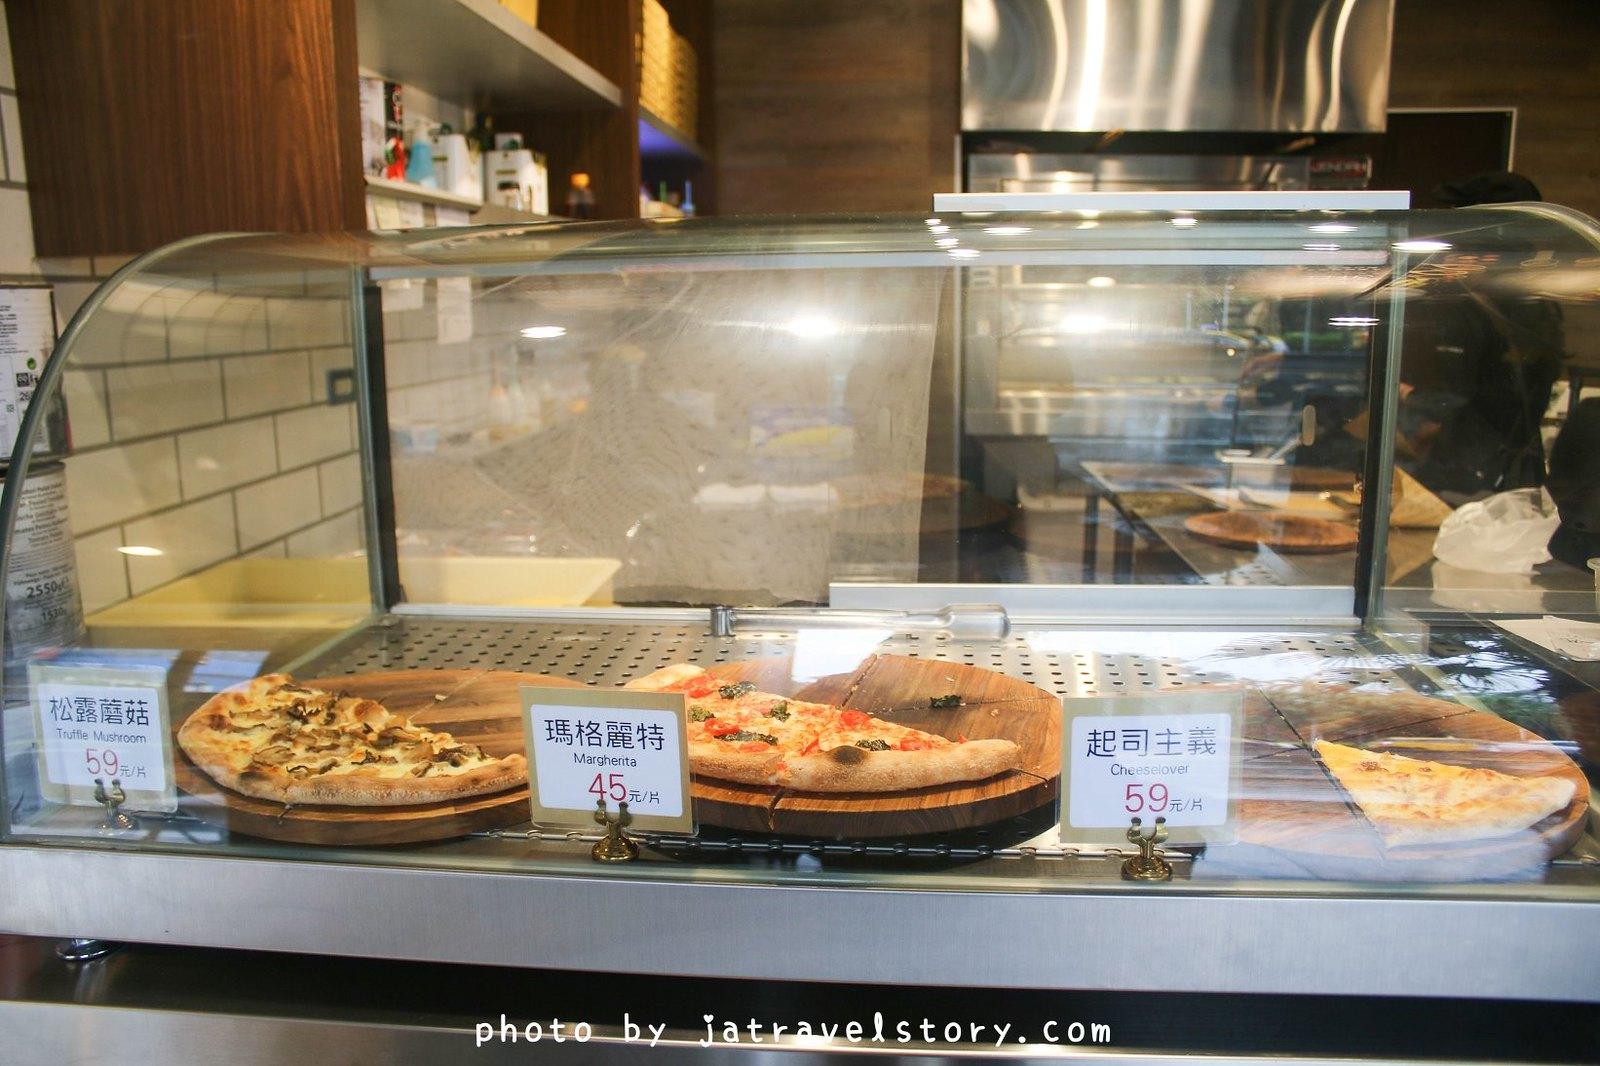 Pizza Guild 比薩幫 單片比薩45元起,一個人就能品嘗多口味比薩【捷運公館】公館美食/台大美食 @J&A的旅行